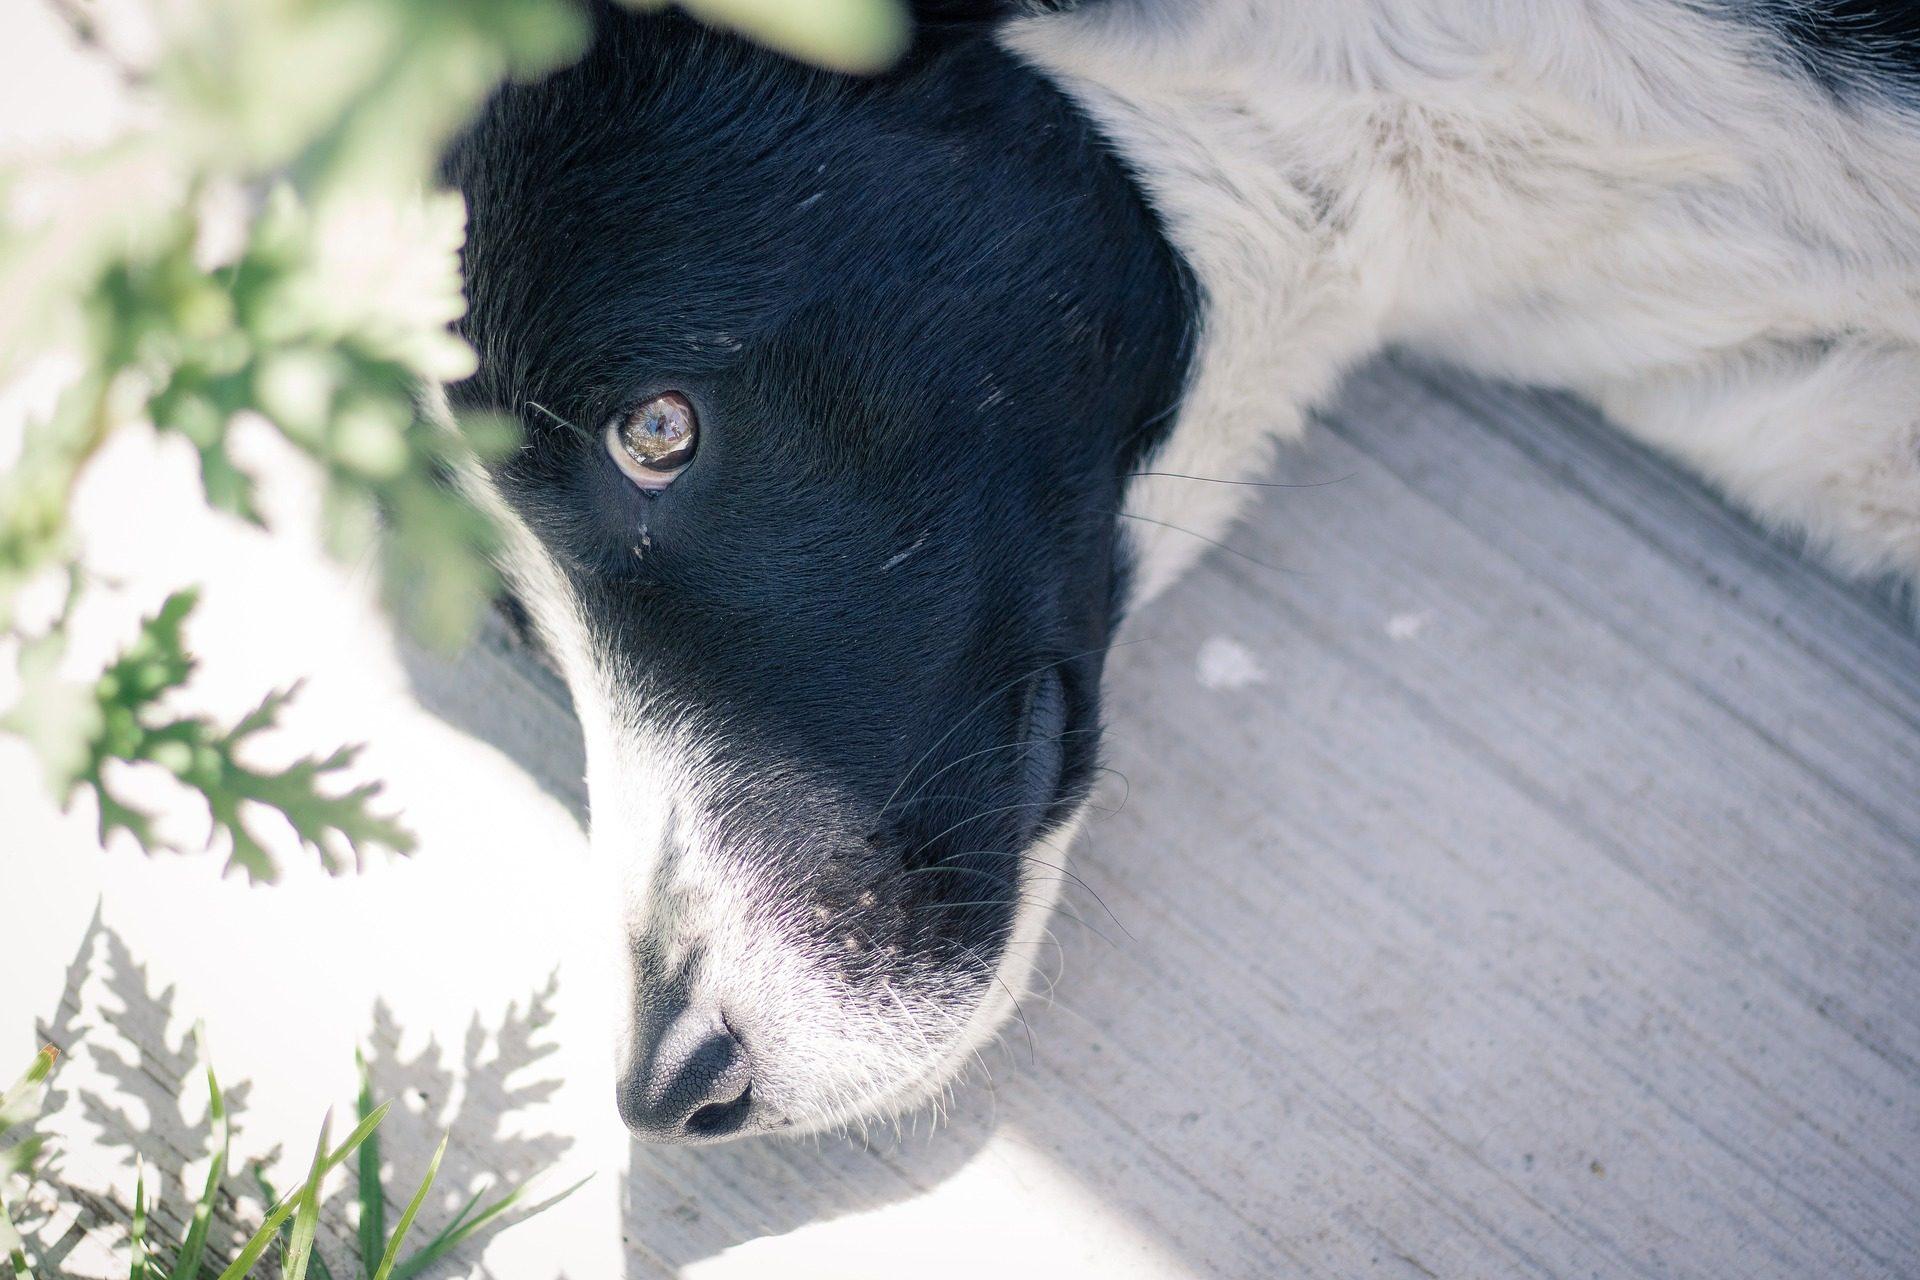 chien, Animal de compagnie, ami (e), reste, se détendre, coup d'oeil - Fonds d'écran HD - Professor-falken.com